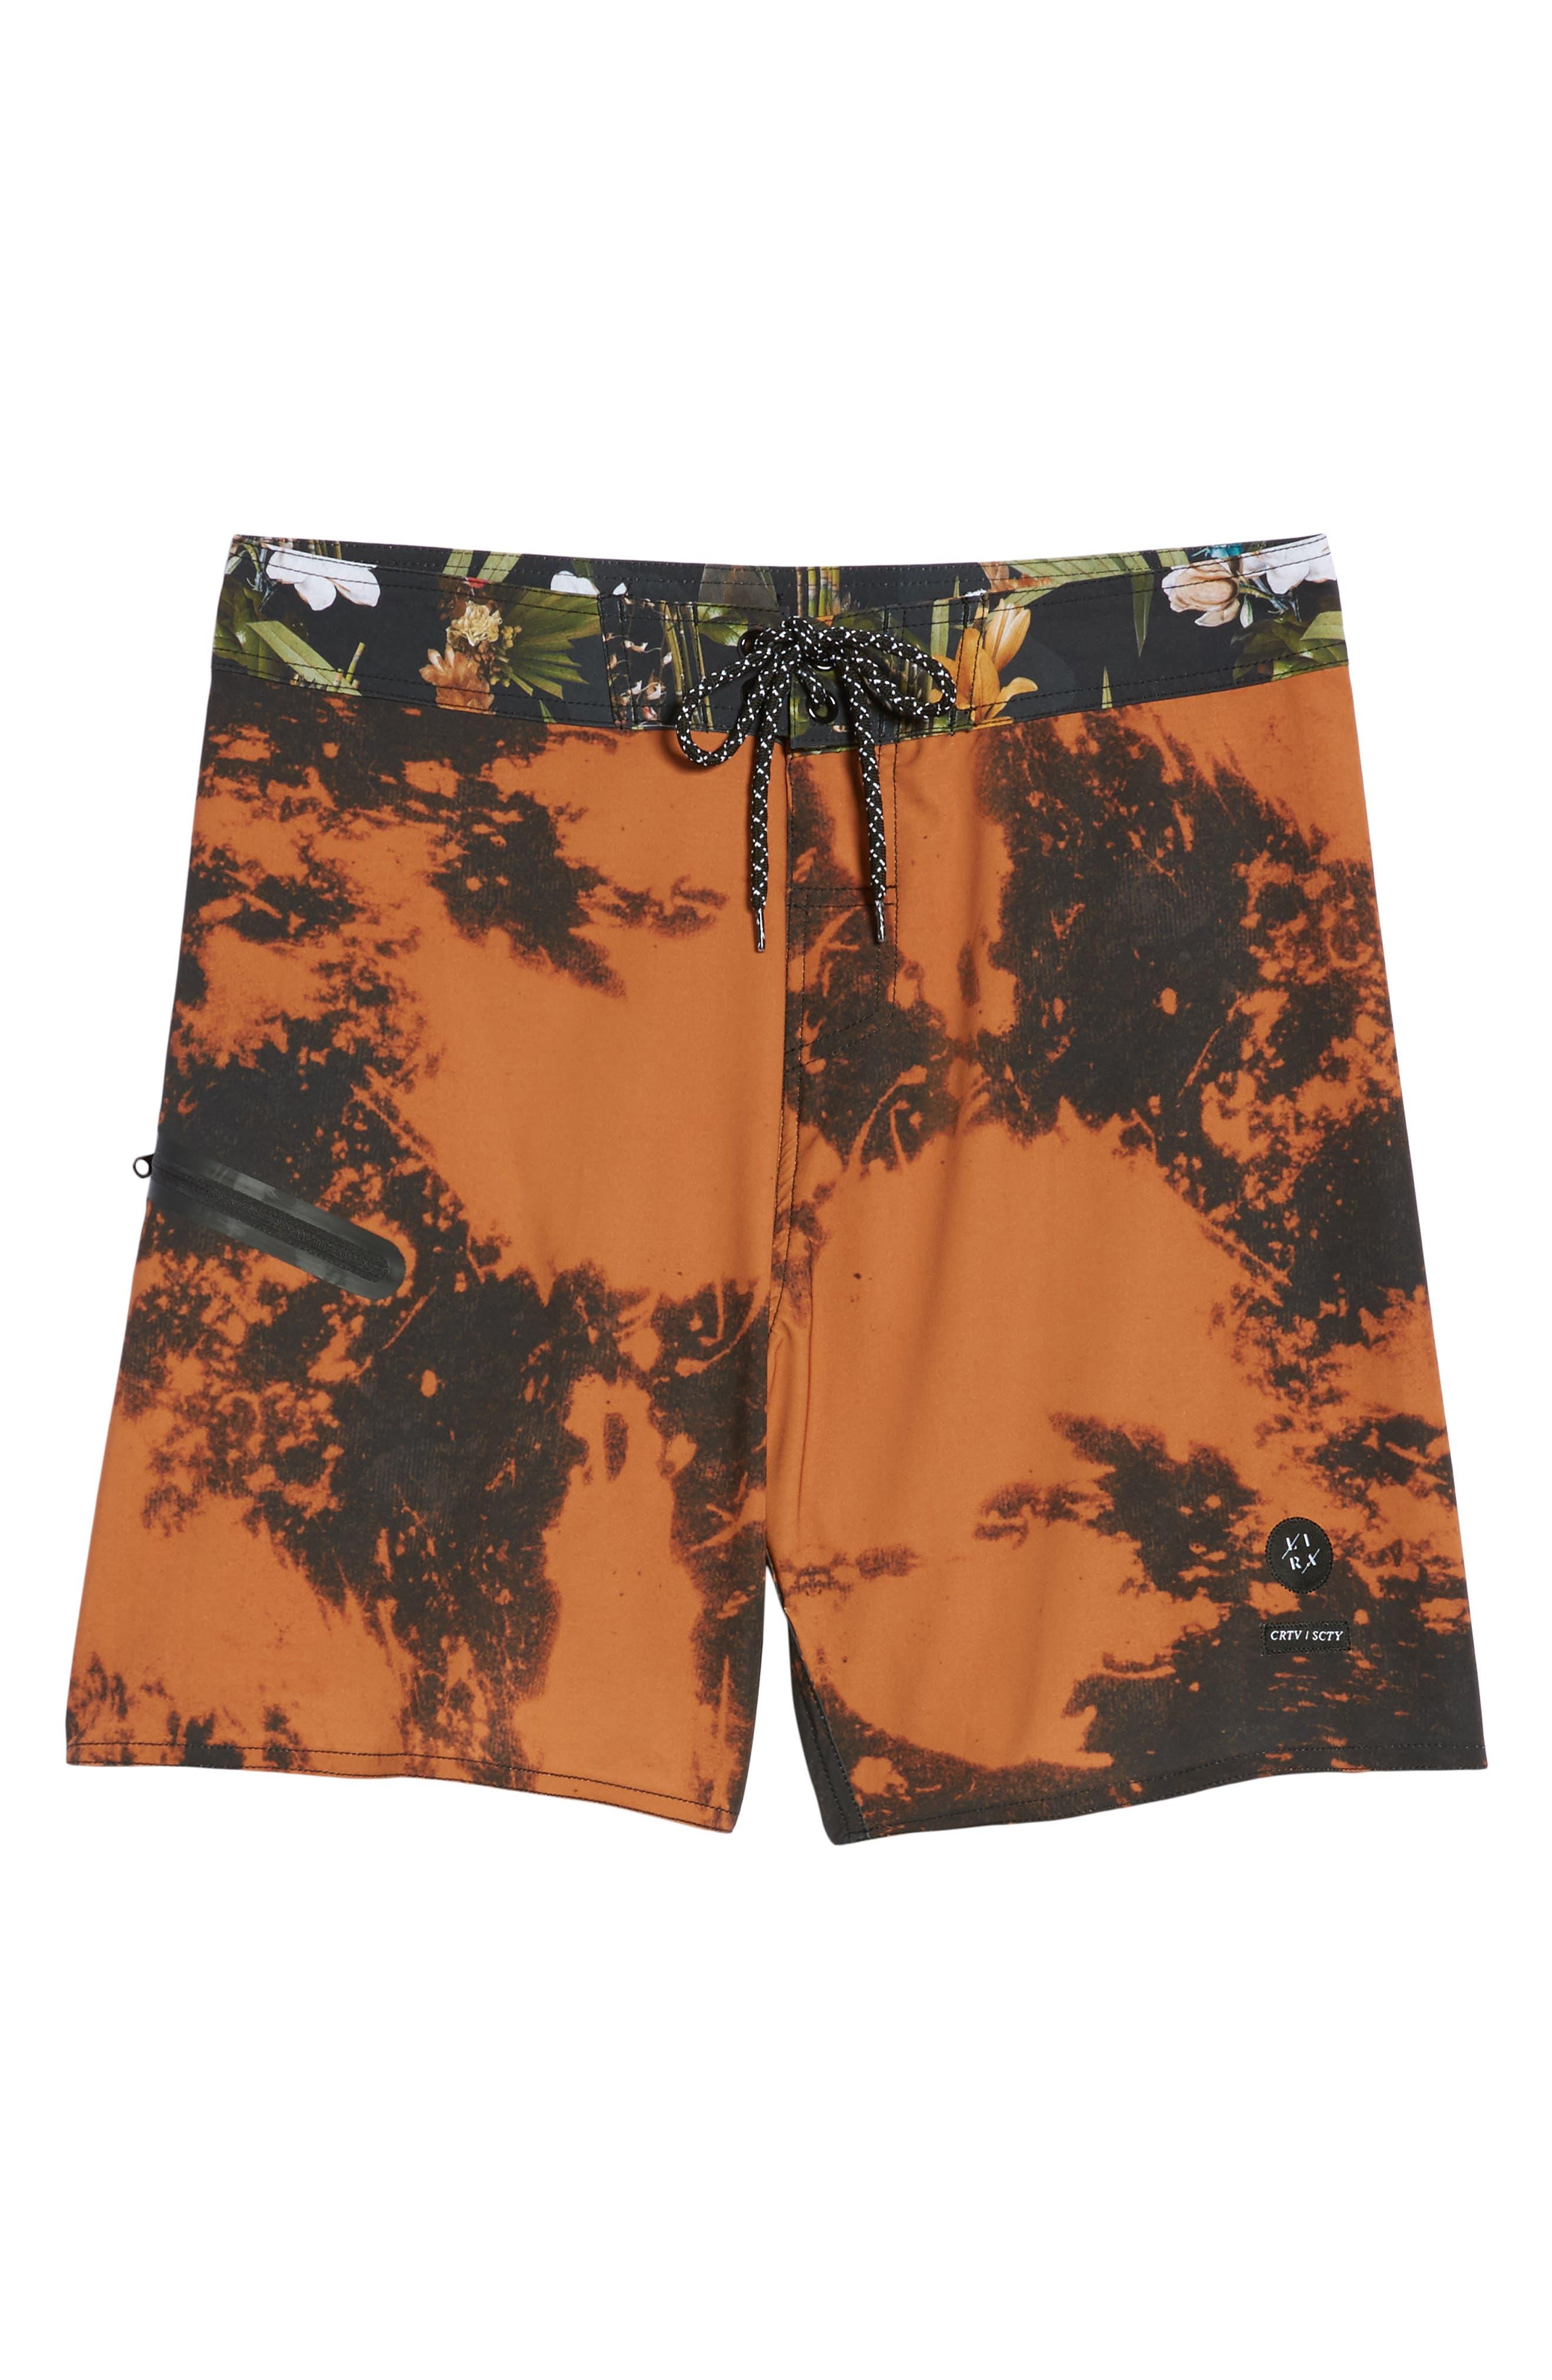 Tandem Swim Shorts,                             Alternate thumbnail 6, color,                             800